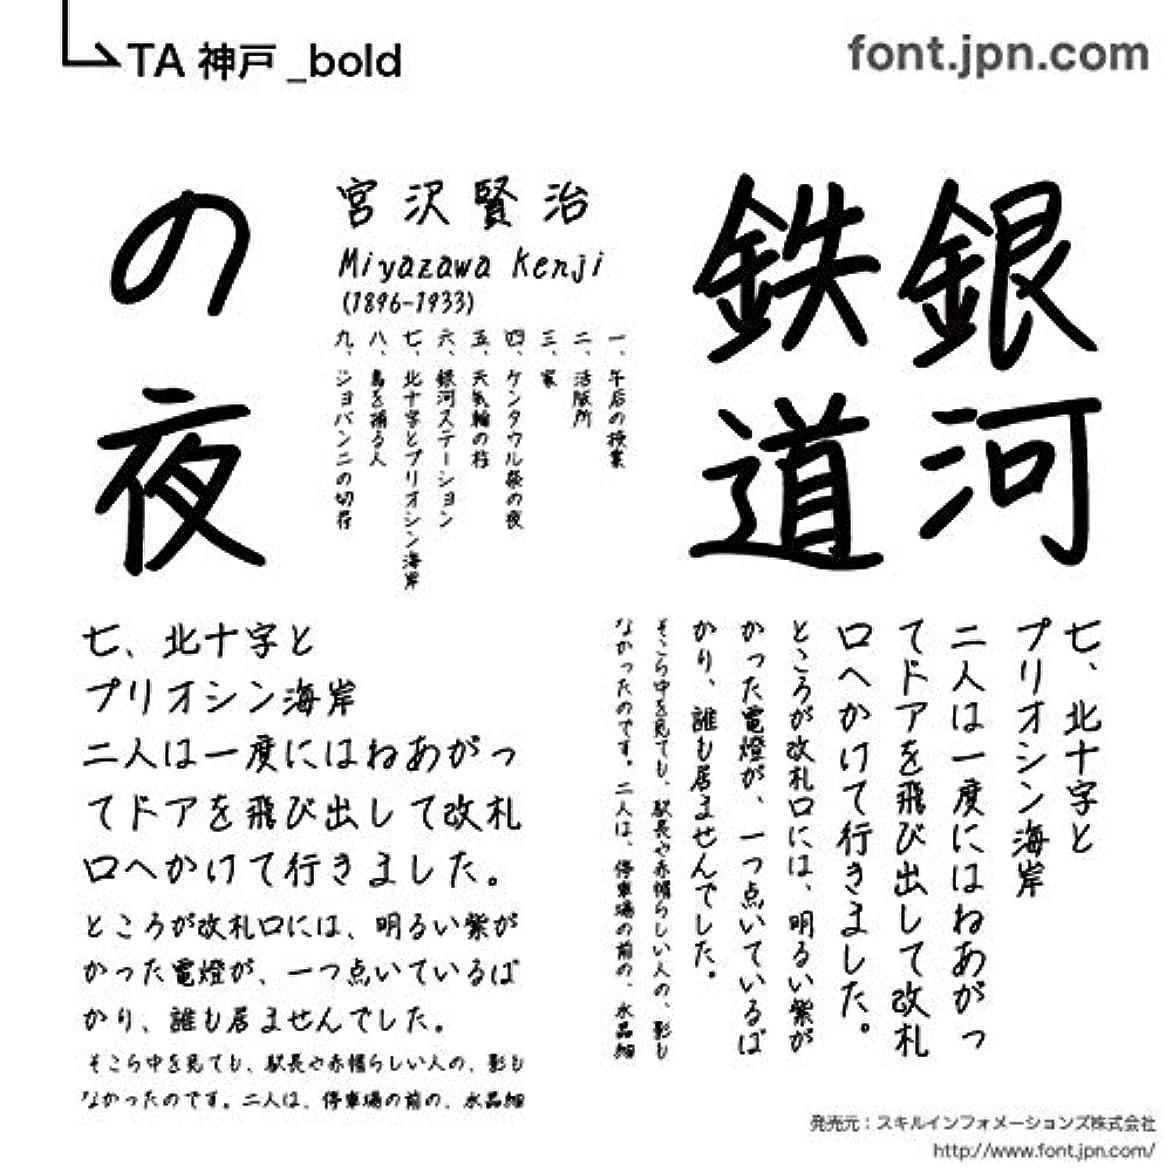 リンスふける散歩TA神戸_bold (TA_kobe_bold_m) ダウンロード版